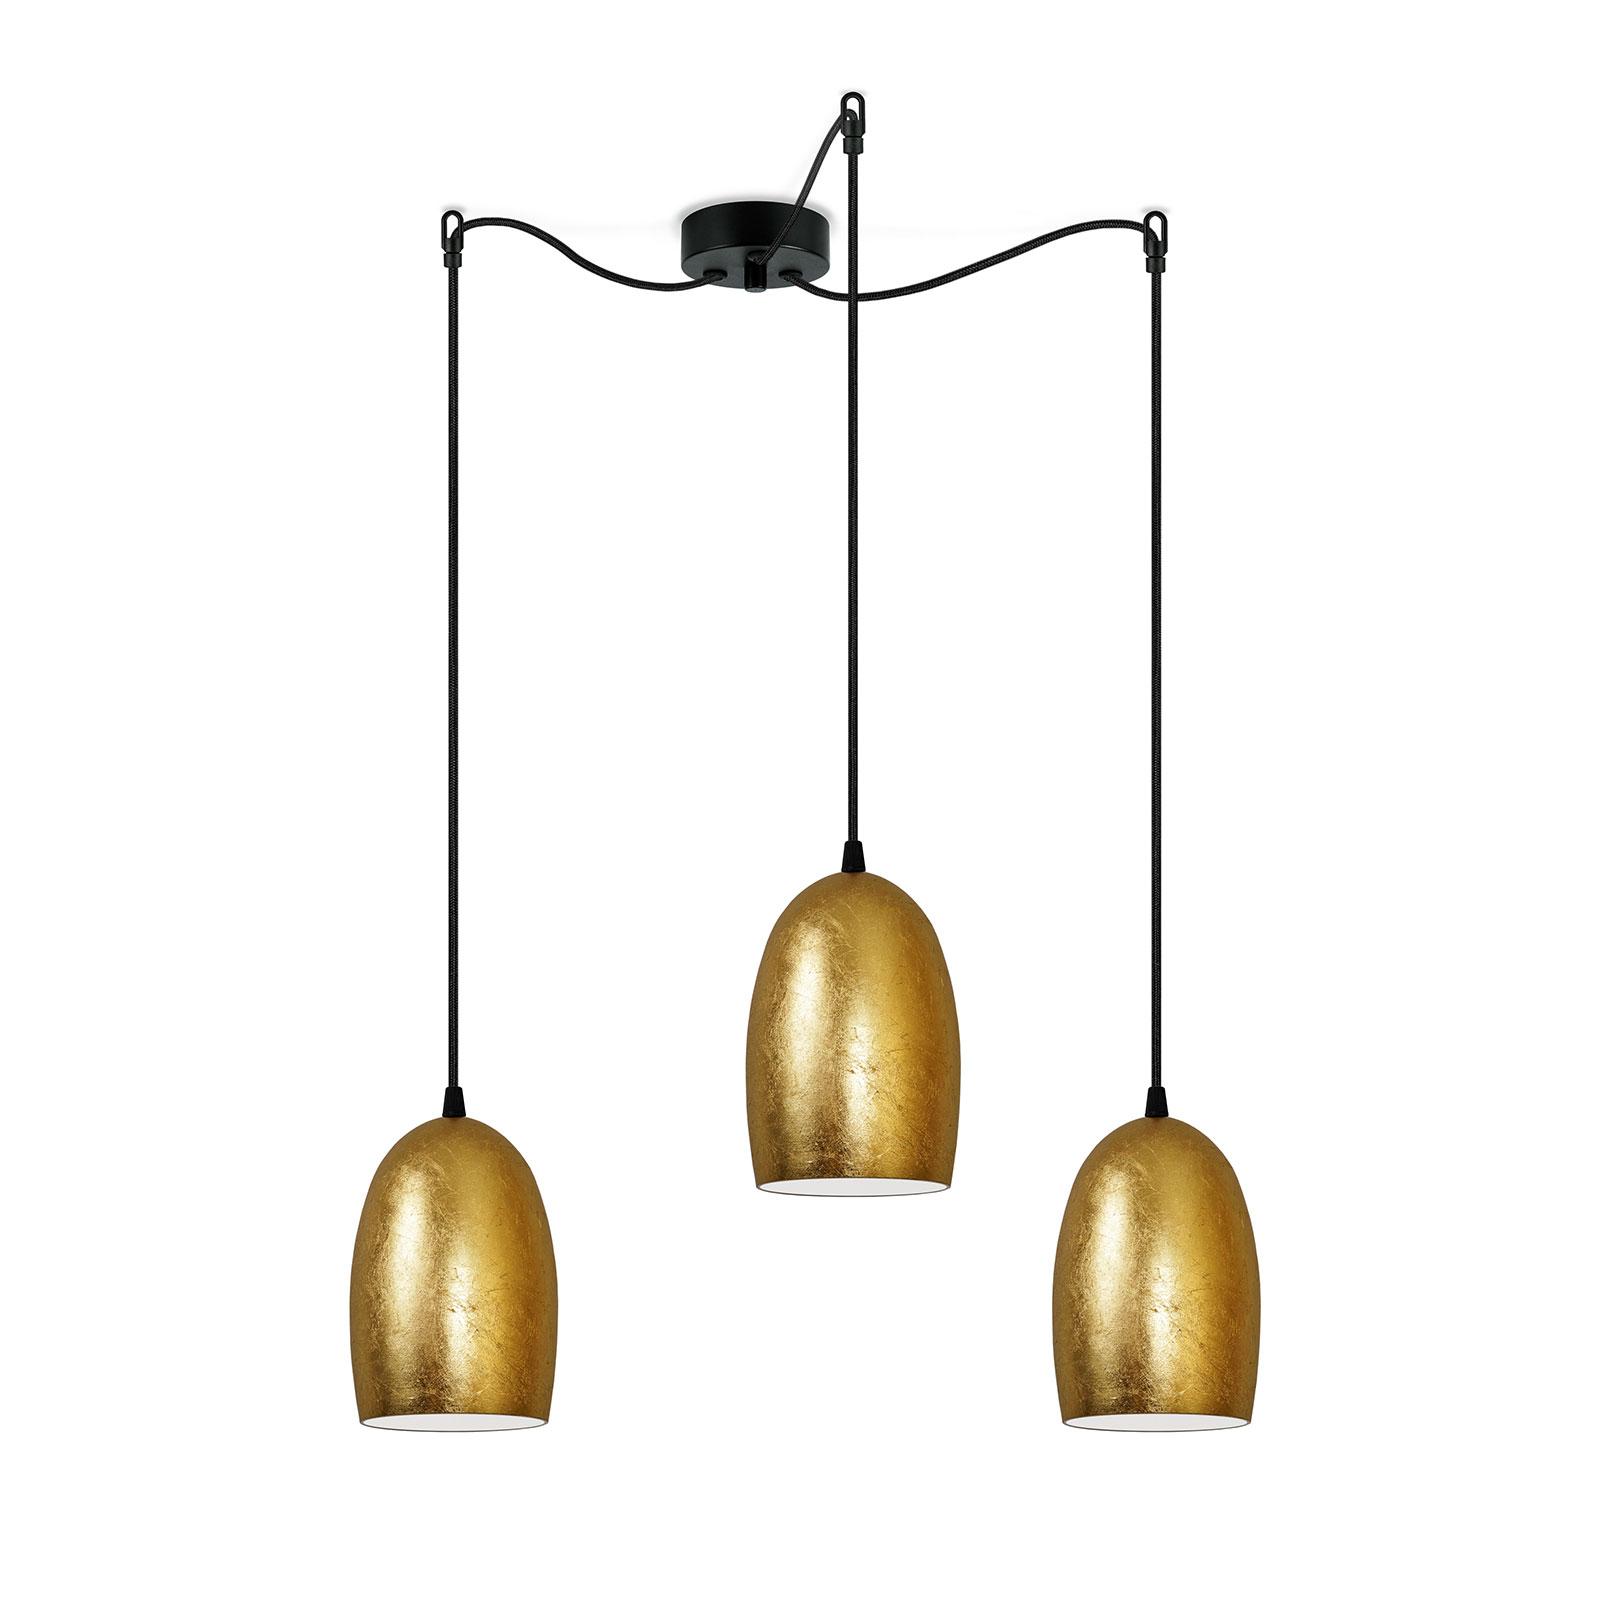 Ume hengelampe, 3 lyskilder, gull/svart